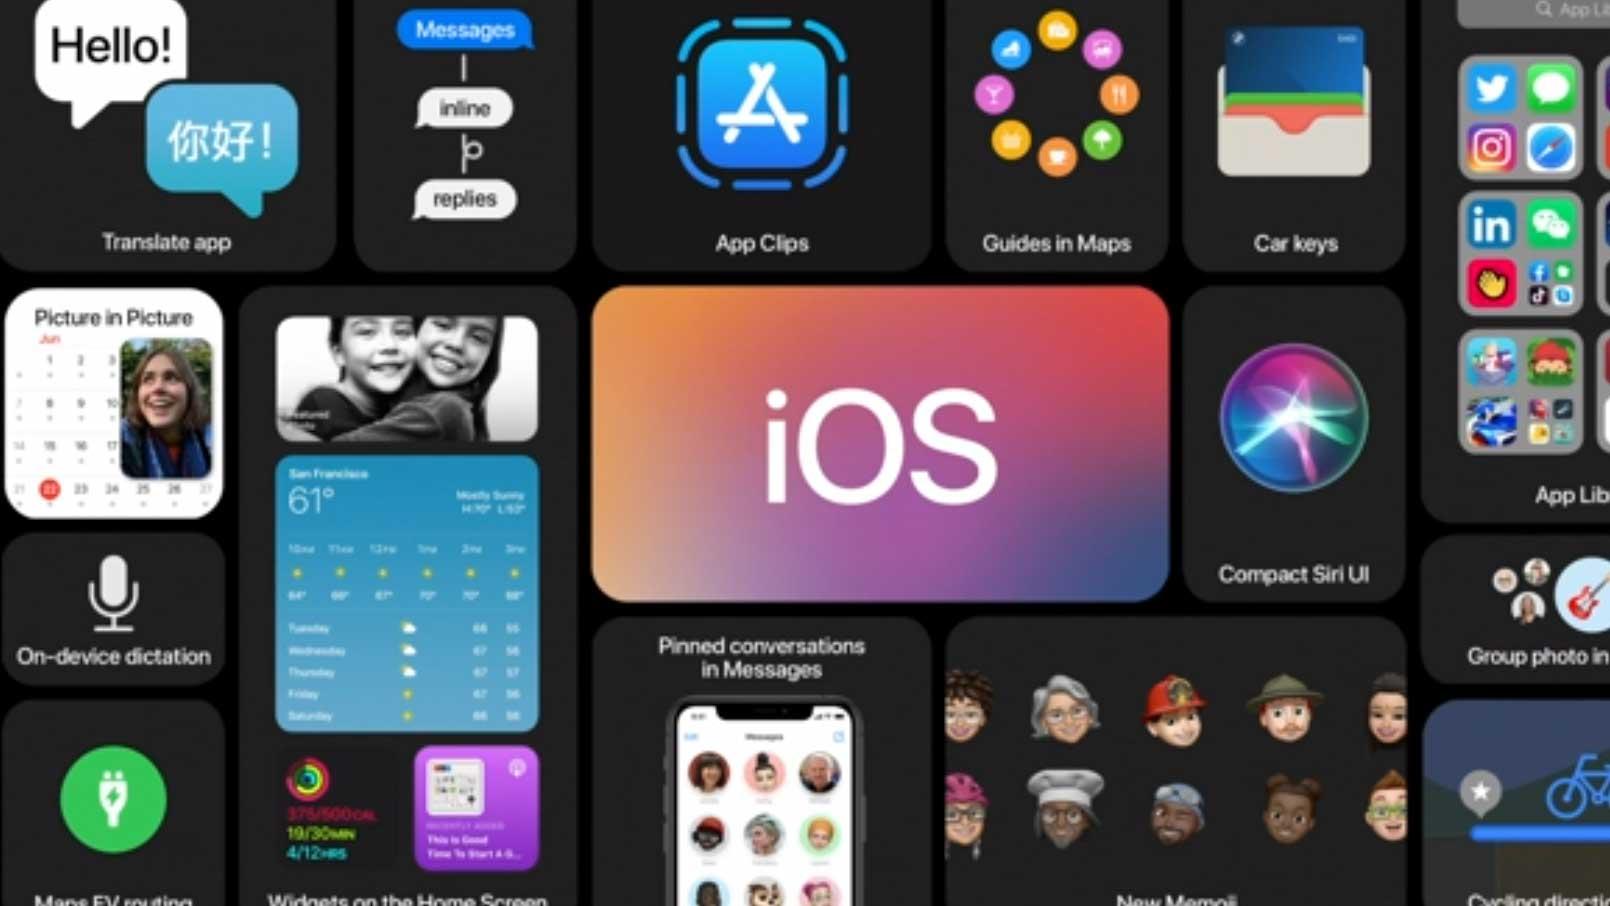 آموزش دانلود آپدیت iOS 14 برای آیفون و iPadOS 14 برای آیپد + لیست دستگاه های سازگار